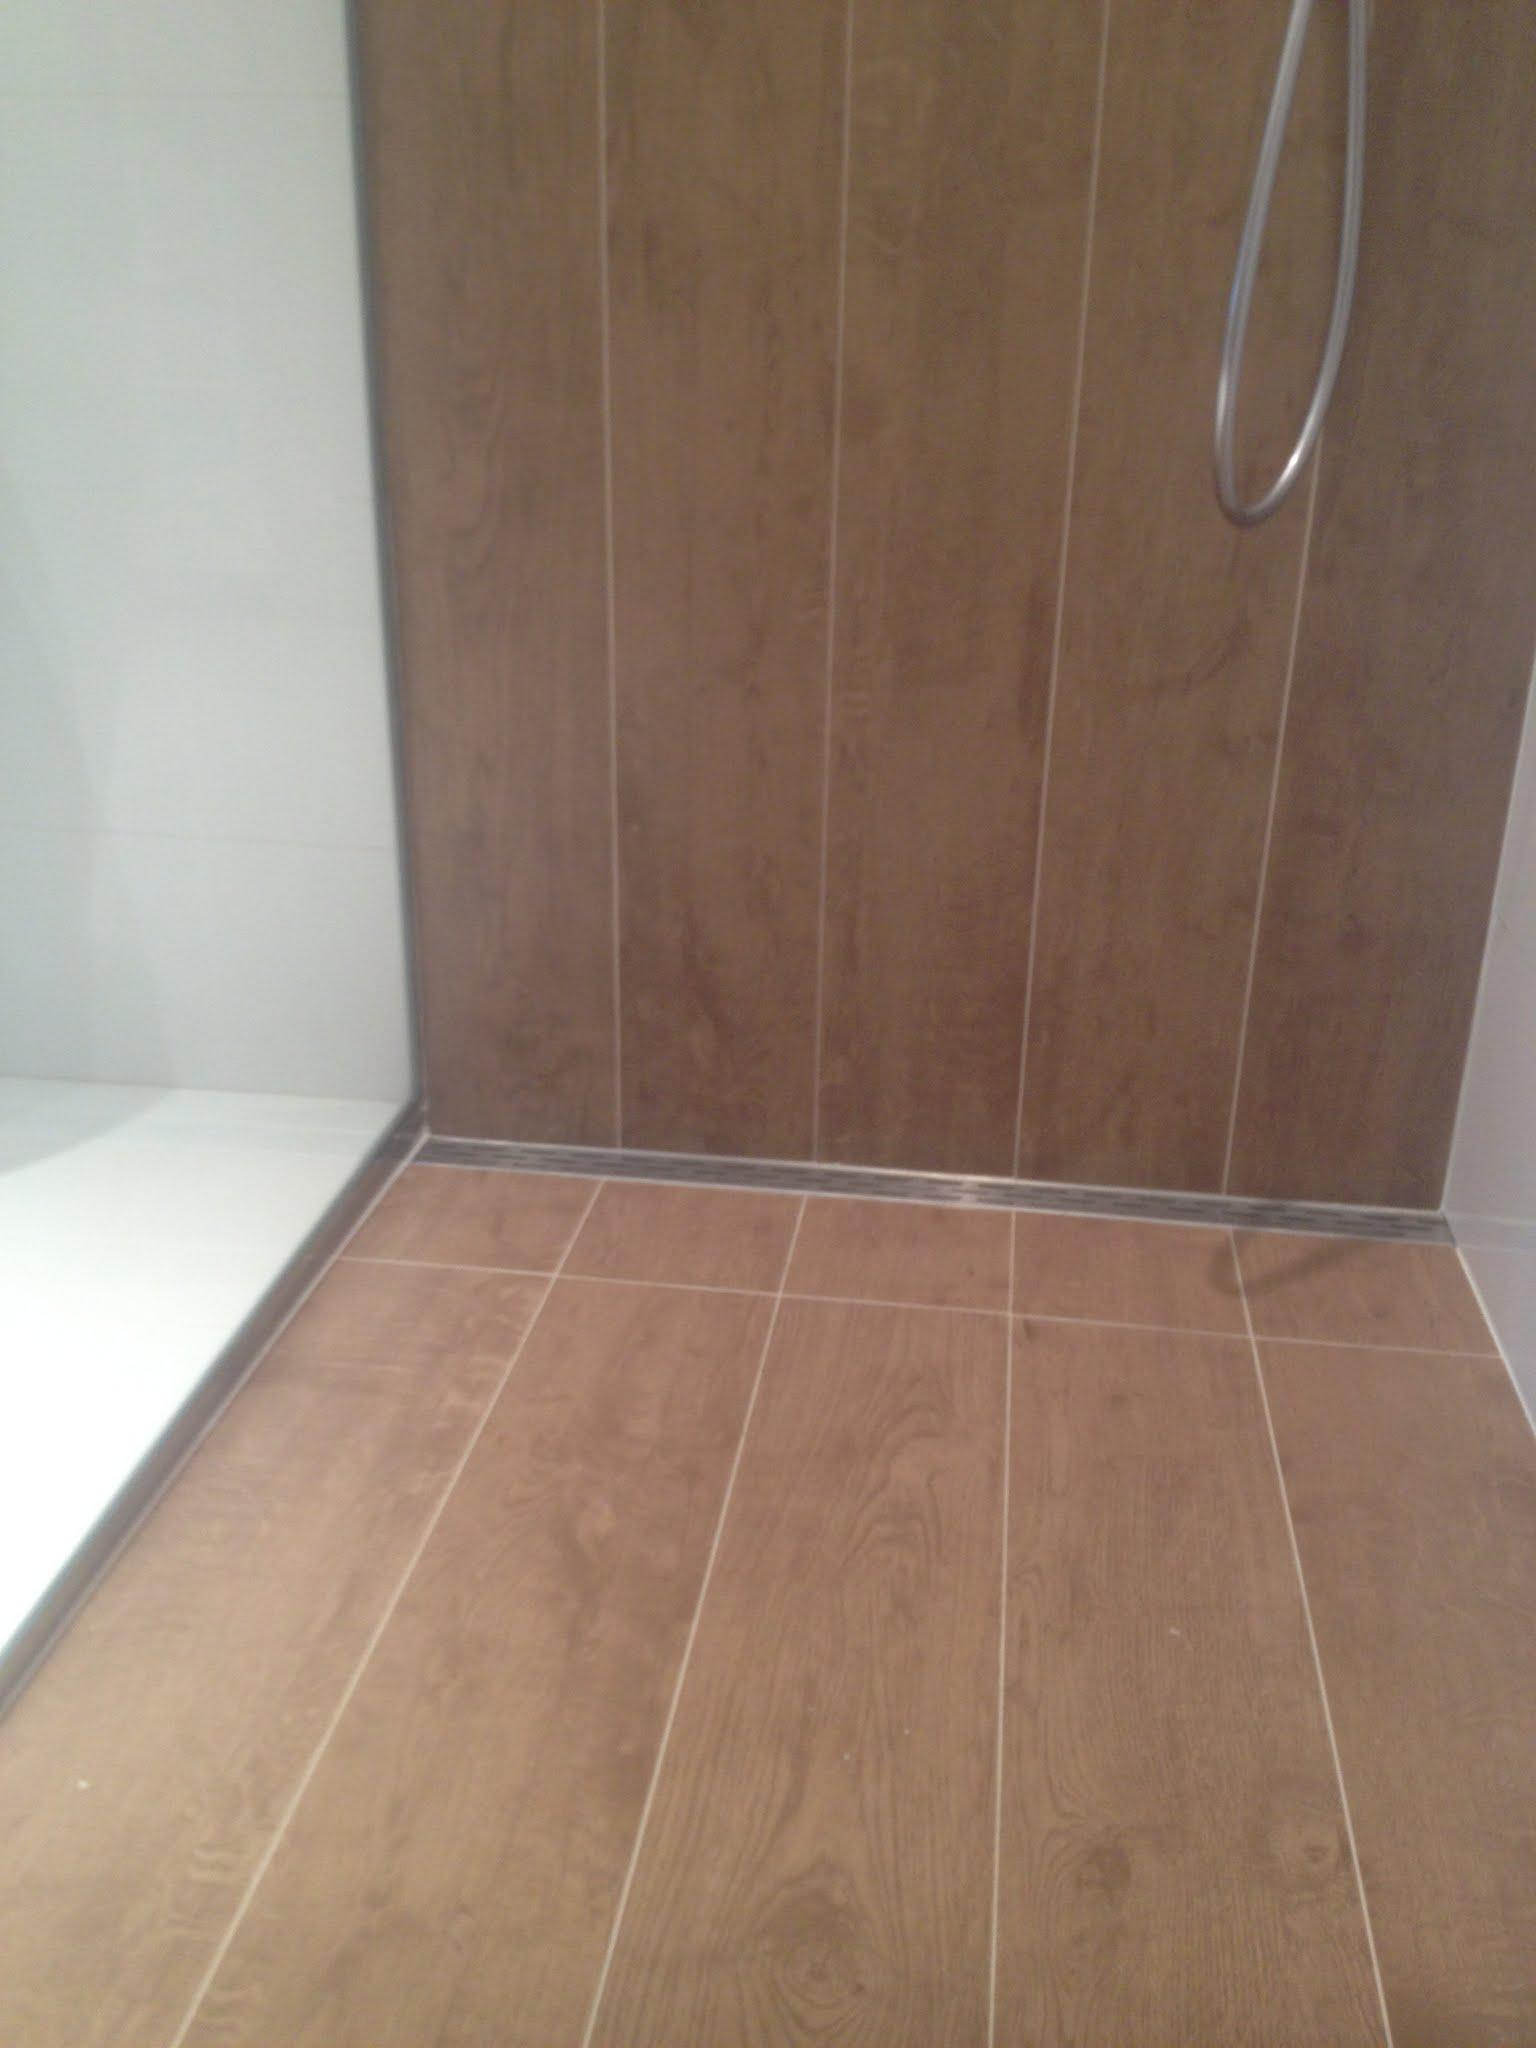 R alisation d 39 une salle de bain avec carrelage aspect bois vasque poser c ramique douche for Poser carrelage douche